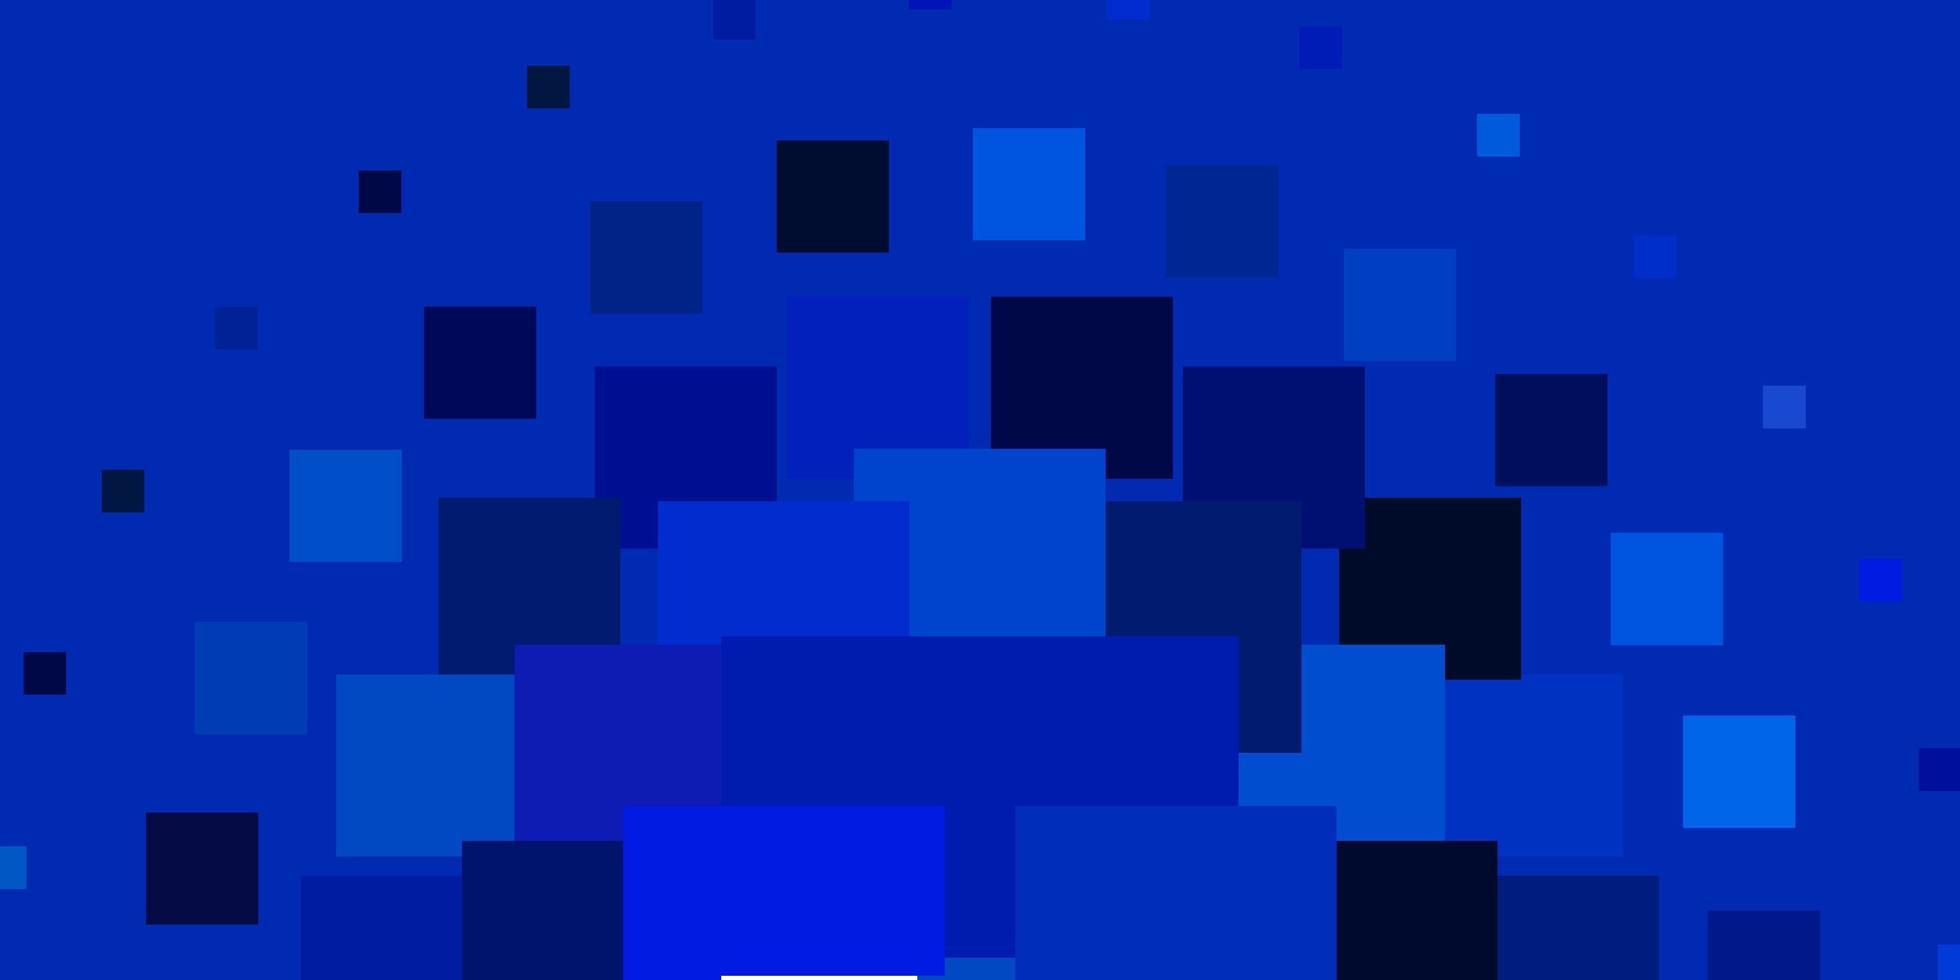 hellblauer Hintergrund im polygonalen Stil. vektor